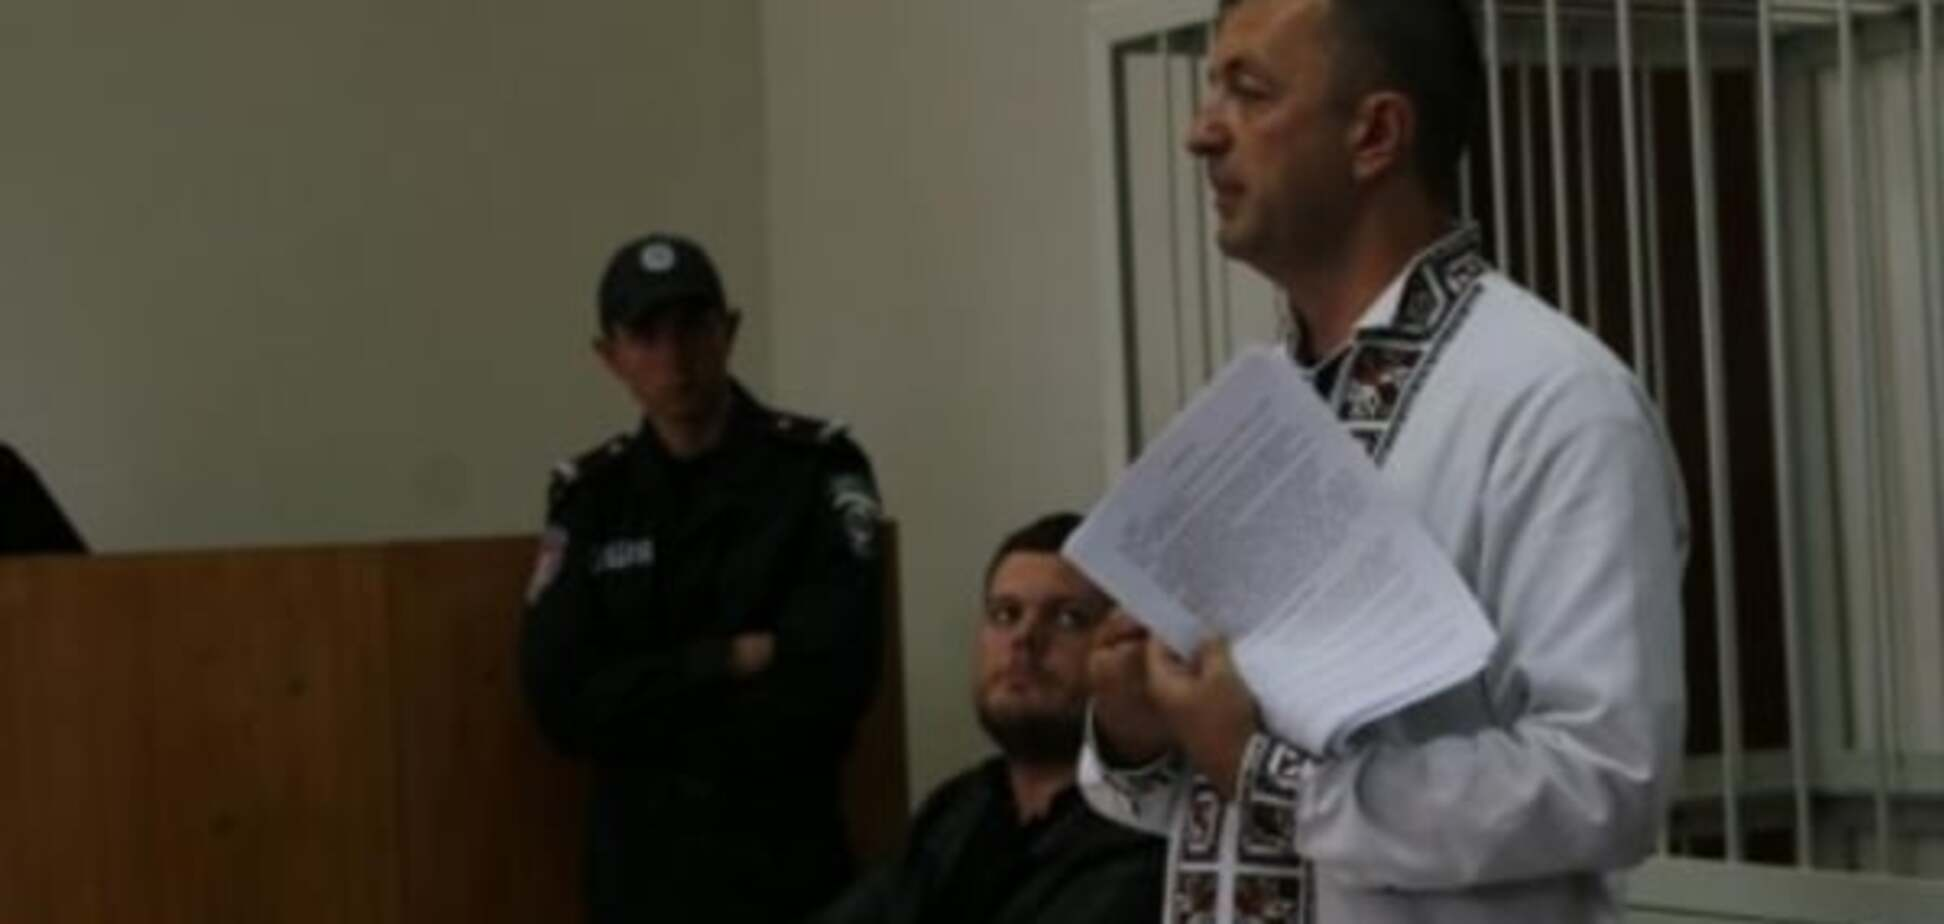 Бійня під Радою: суд відмовився відпустити свободівця з-під домашнього арешту